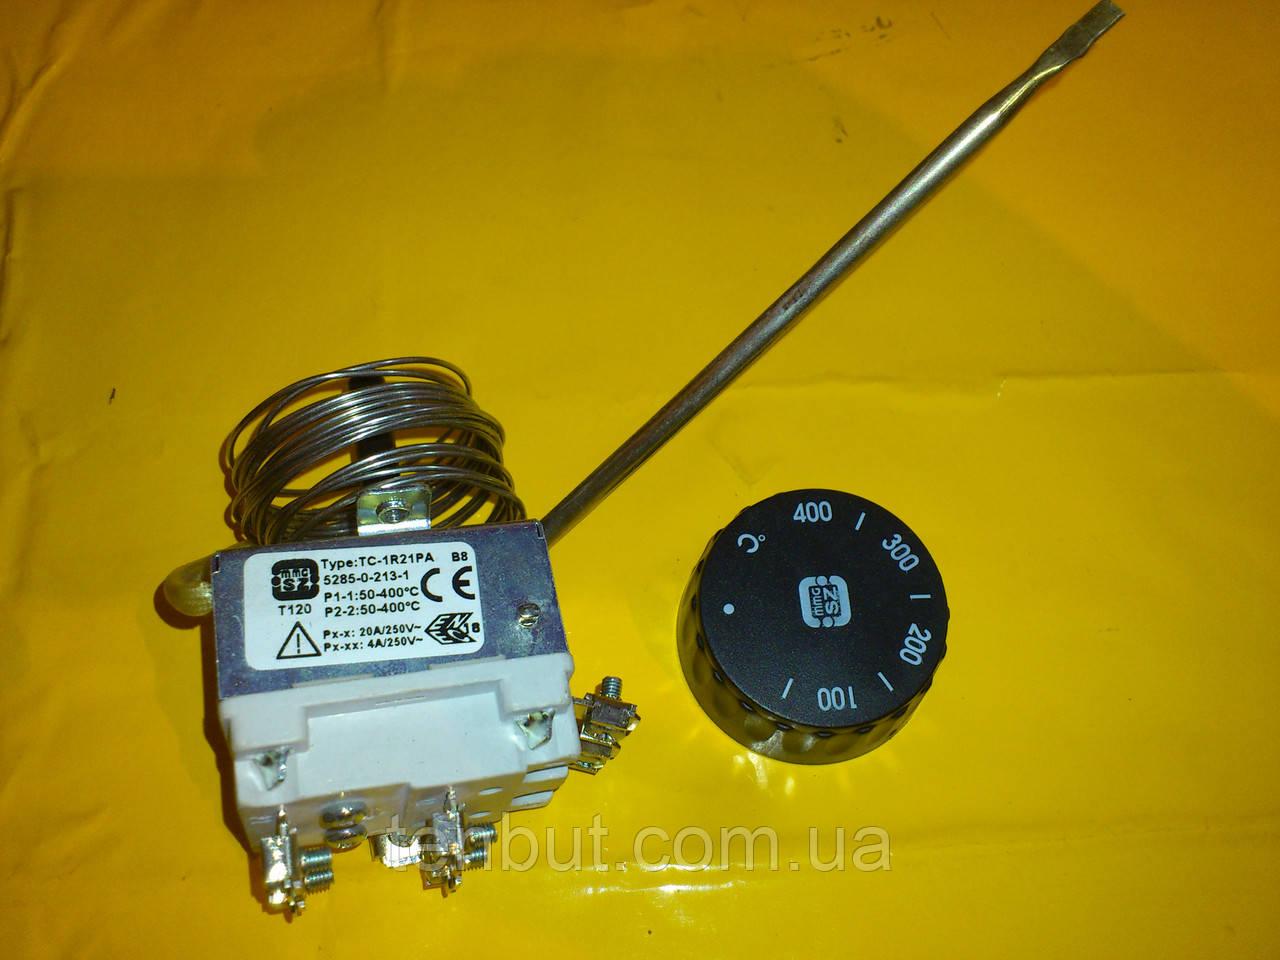 Терморегулятор MMG - 400 ℃ / 2-х полюсный аналог Т-32М  капилярный 2.2 м. производство Венгрия